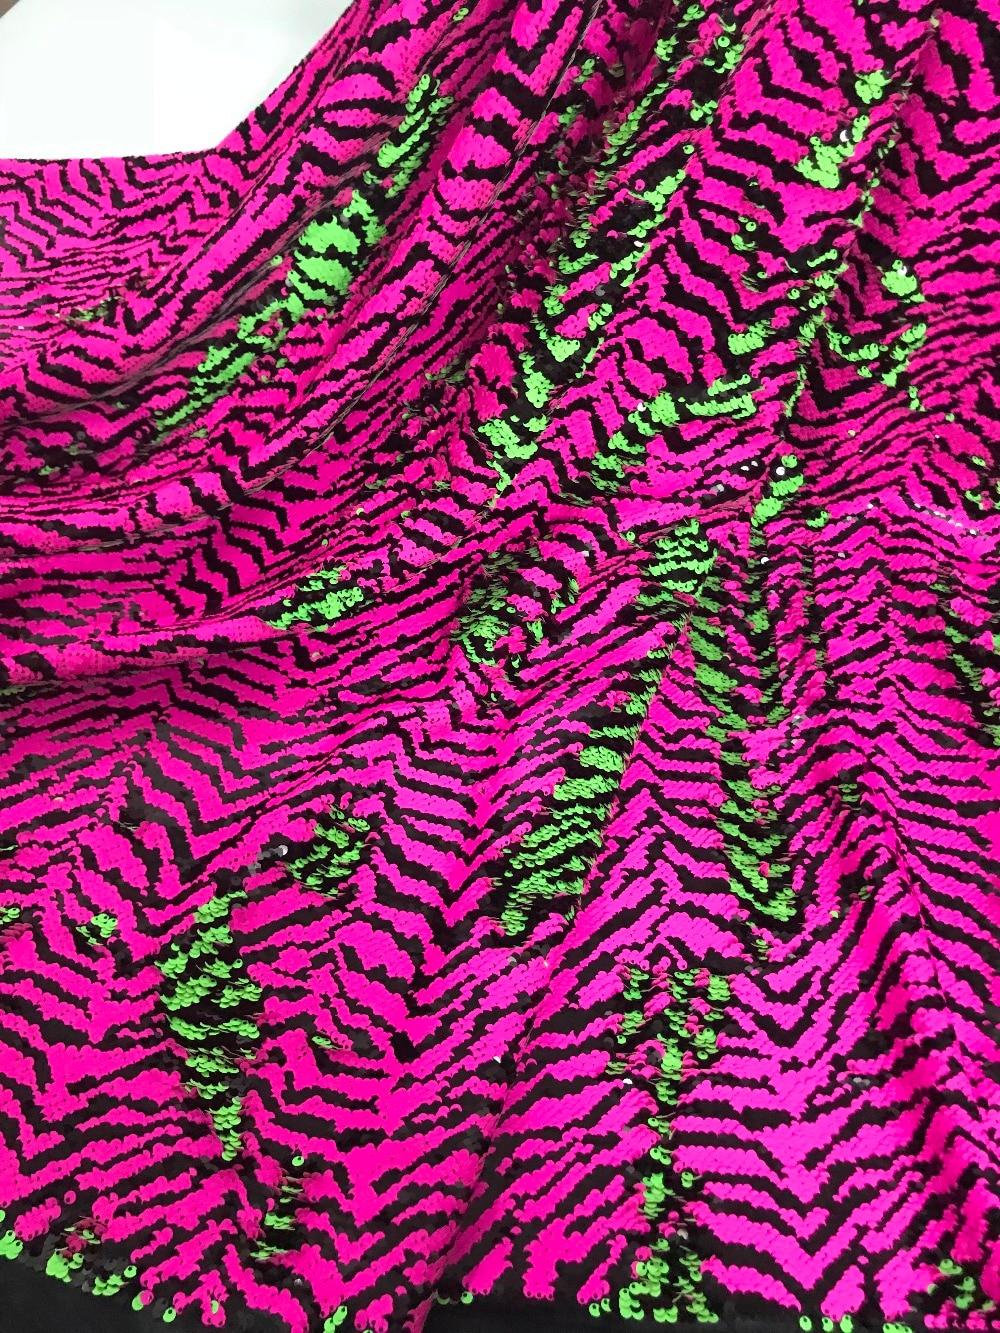 Bonito tejido de encaje de malla de tul bordado de plumas Cyndi 10.2594 con buena calidad para vestido de fiesta-in encaje from Hogar y Mascotas on AliExpress - 11.11_Double 11_Singles' Day 1